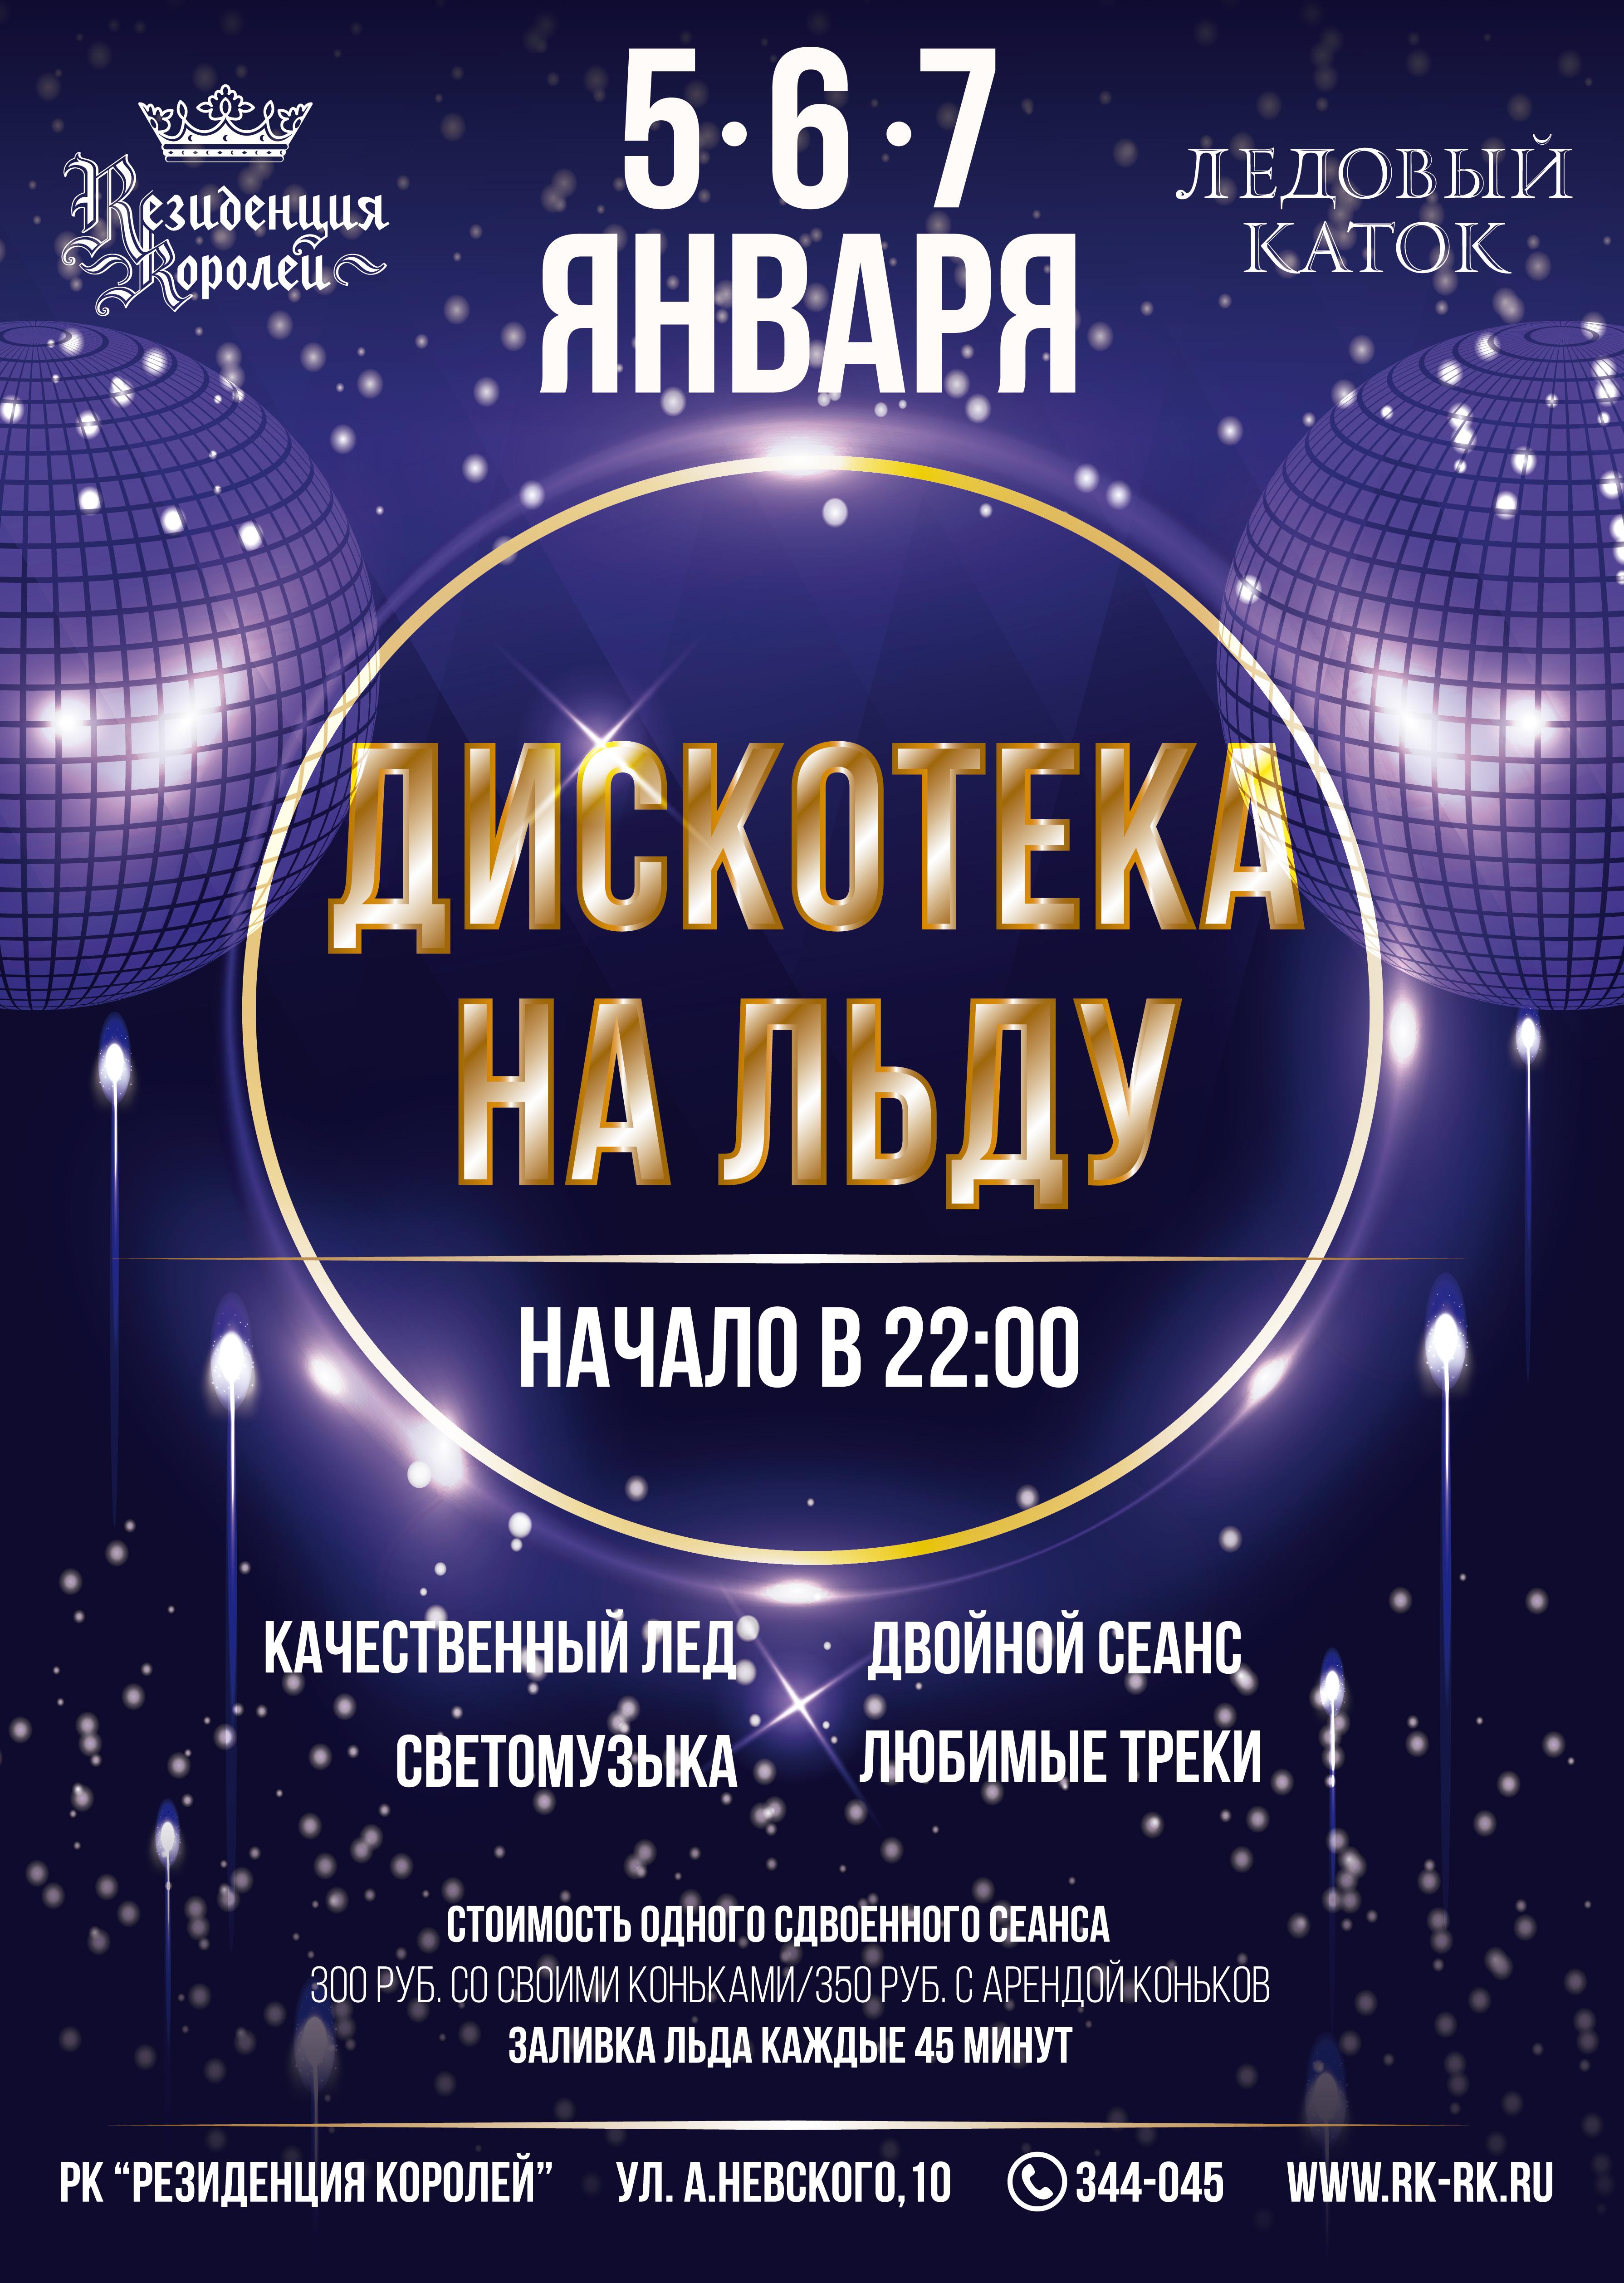 ДИСКО НА ЛЬДУ кривые-01